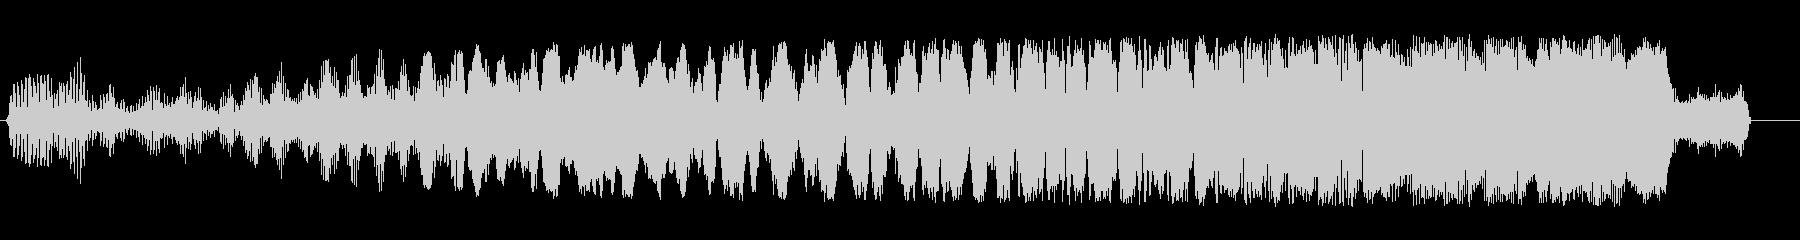 ビュイーン(低音から高音へ上昇する感じ)の未再生の波形